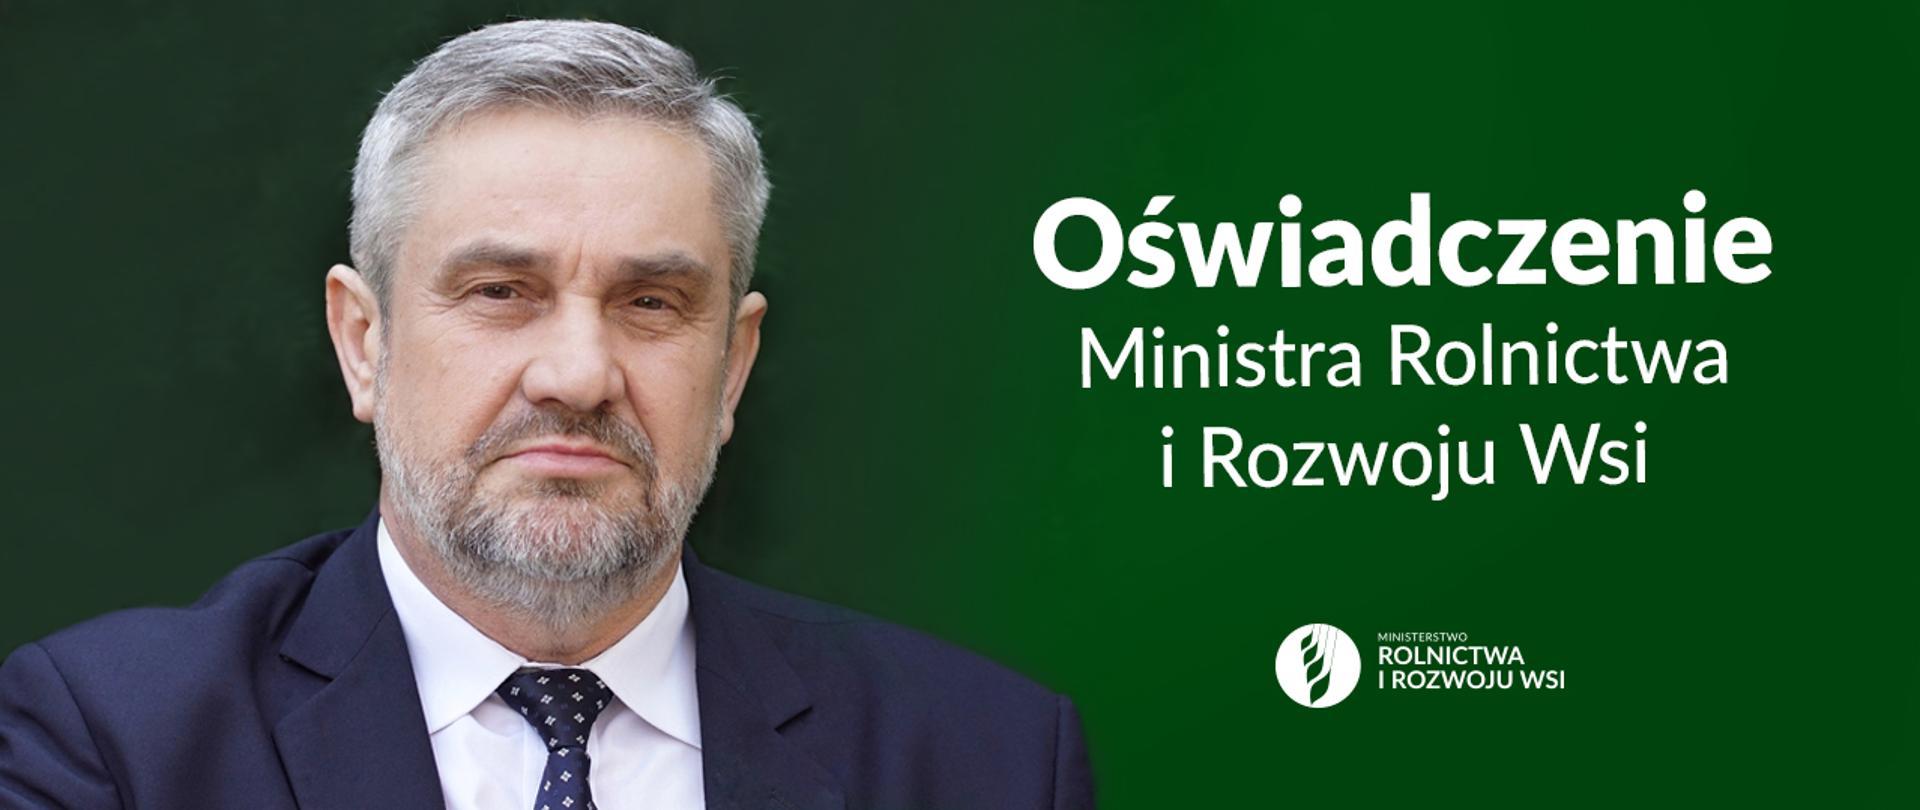 OŚWIADCZENIE Ministra Rolnictwa i Rozwoju Wsi Jana Krzysztofa Ardanowskiego